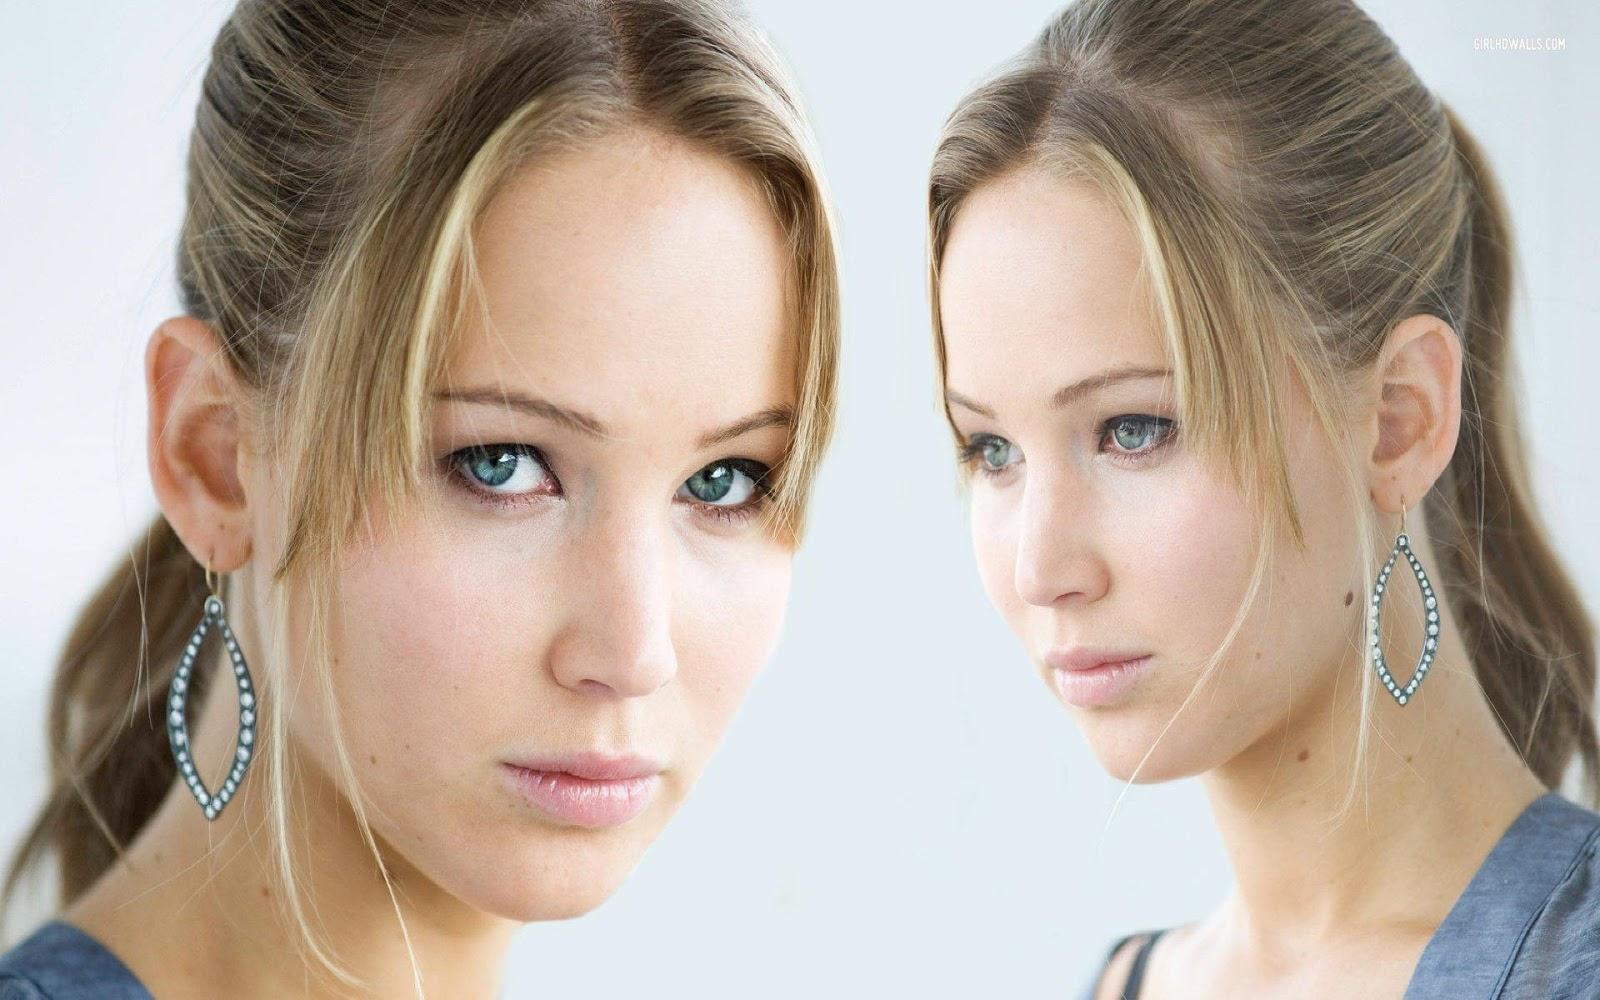 http://2.bp.blogspot.com/-kUNEy2MSMrY/UH1YVgStKLI/AAAAAAAApZg/eFRODedZ2po/s1600/Gorgeous+Jennifer+Lawrence+Desktop+Wallpapers+-+1920+x+1200+-+Ministry+of+Wallpapers+(15).jpeg